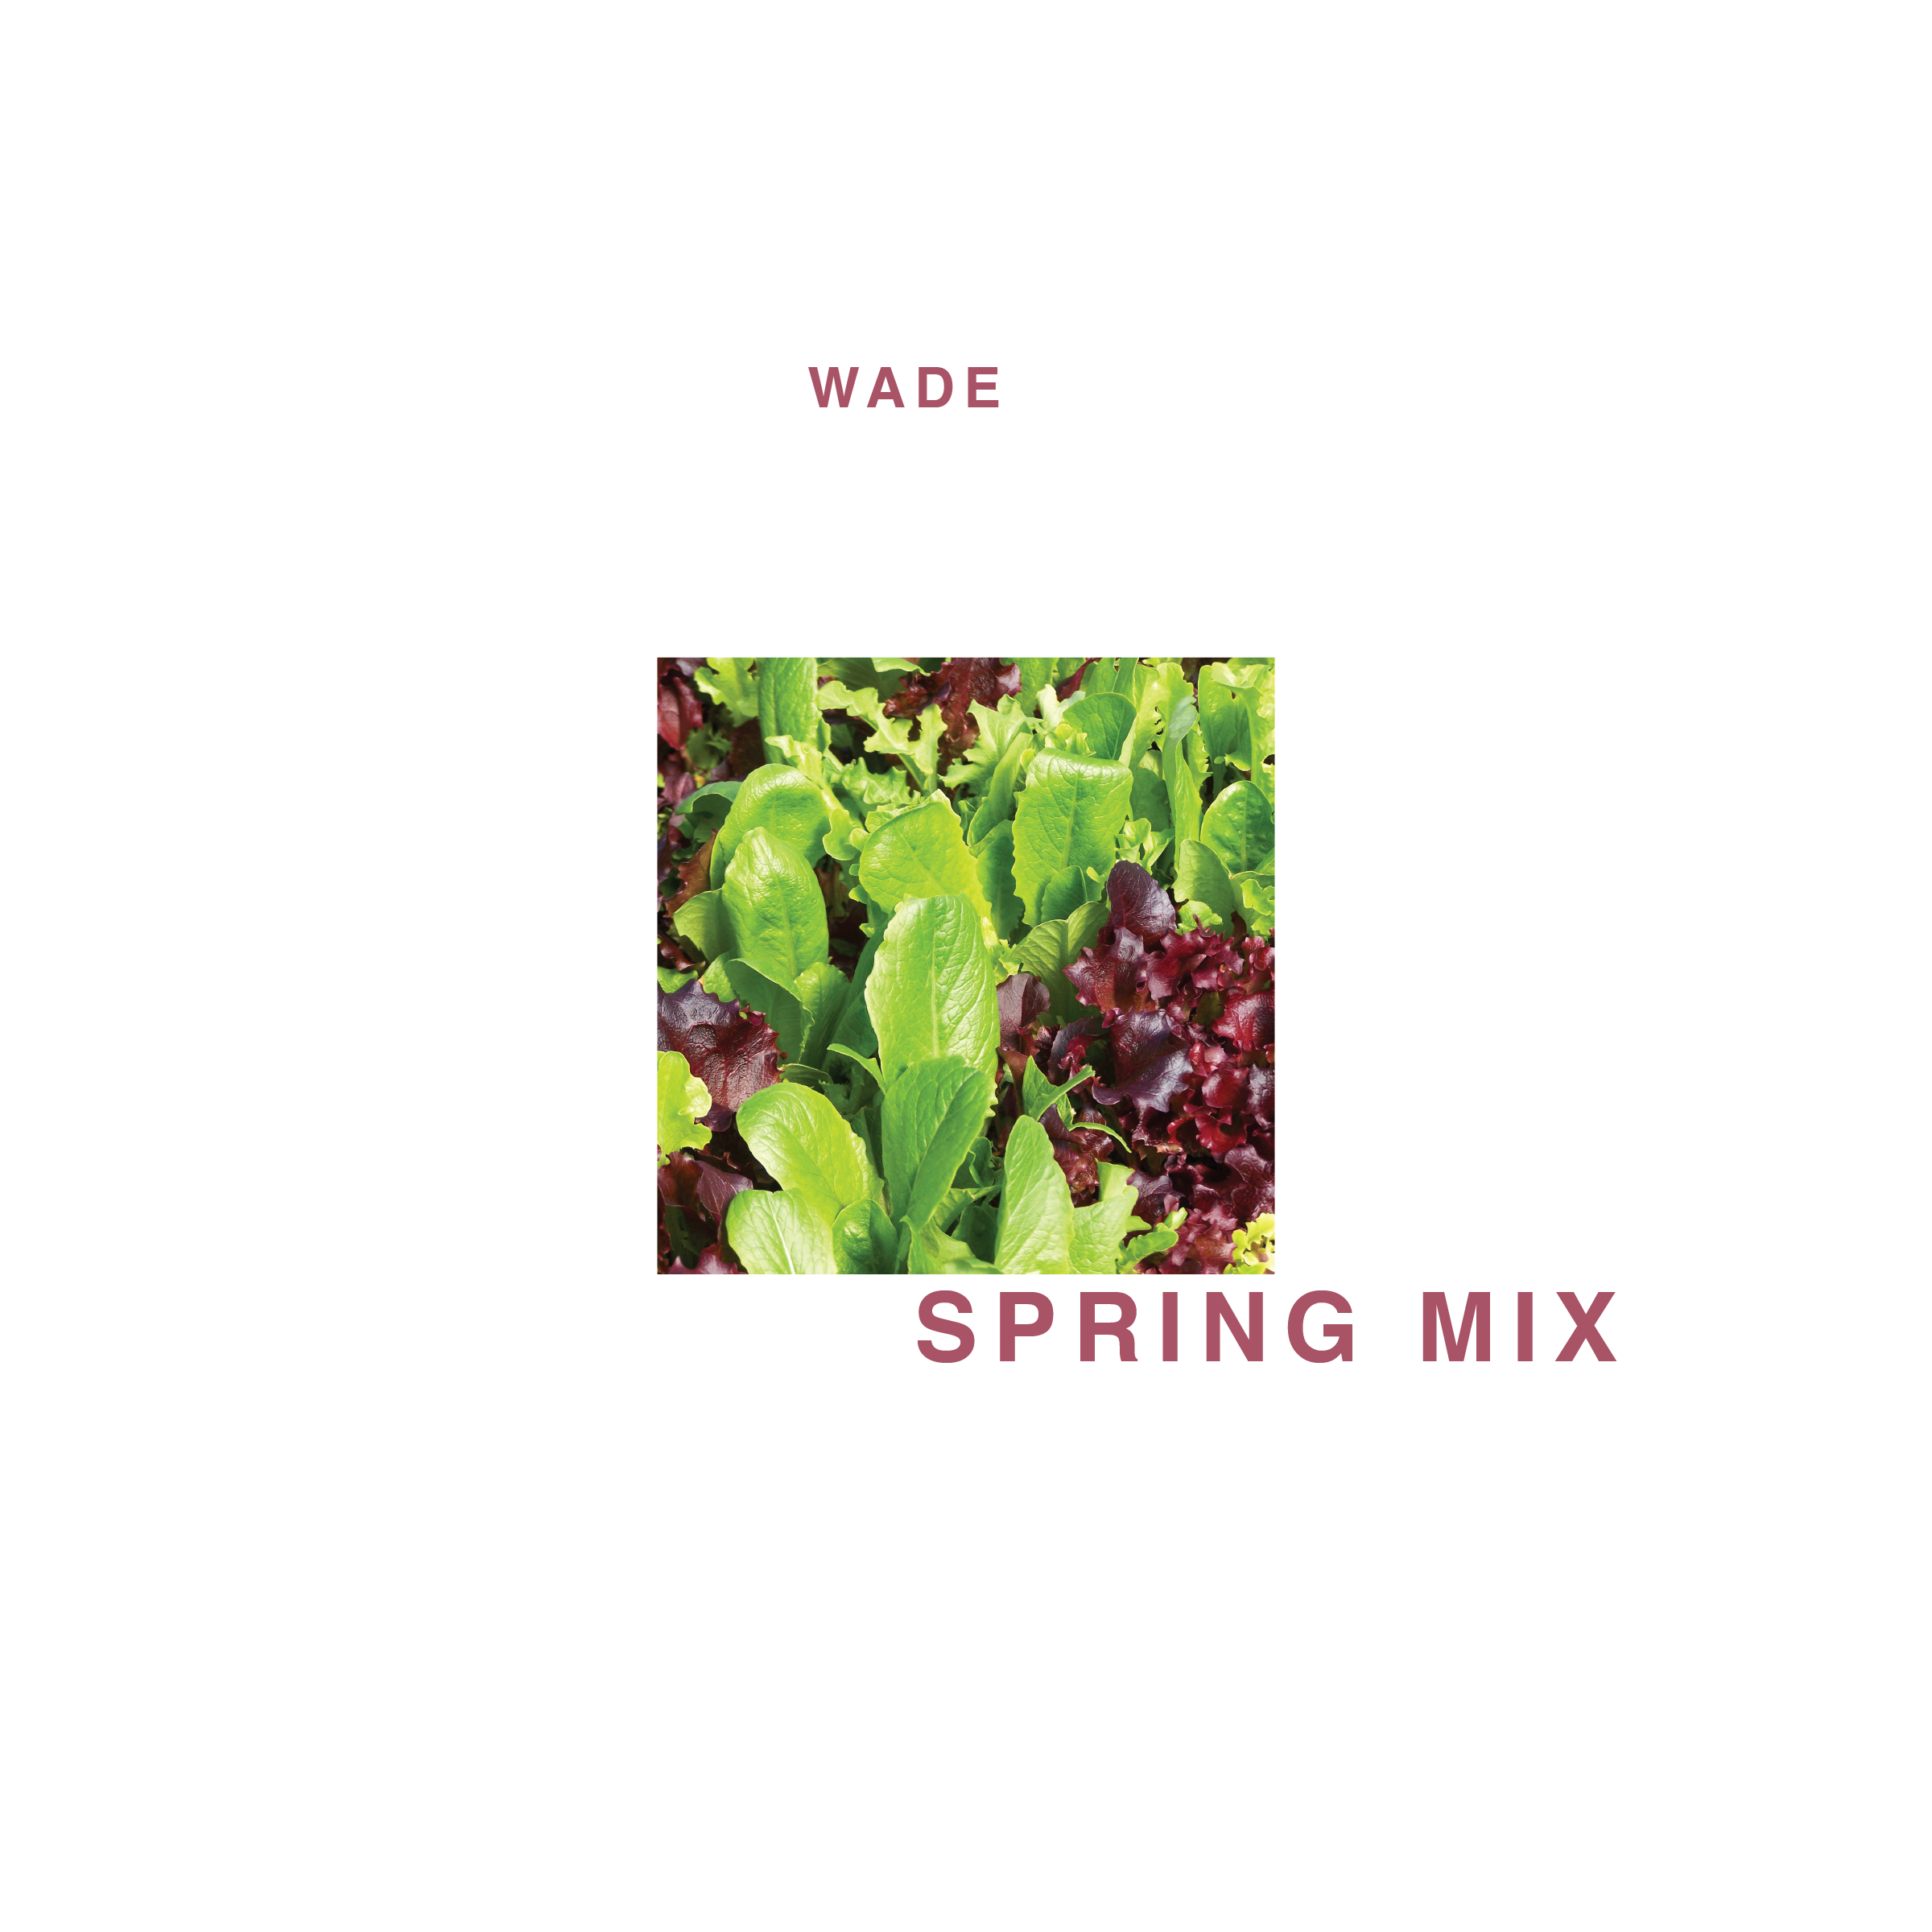 wade - spring mix